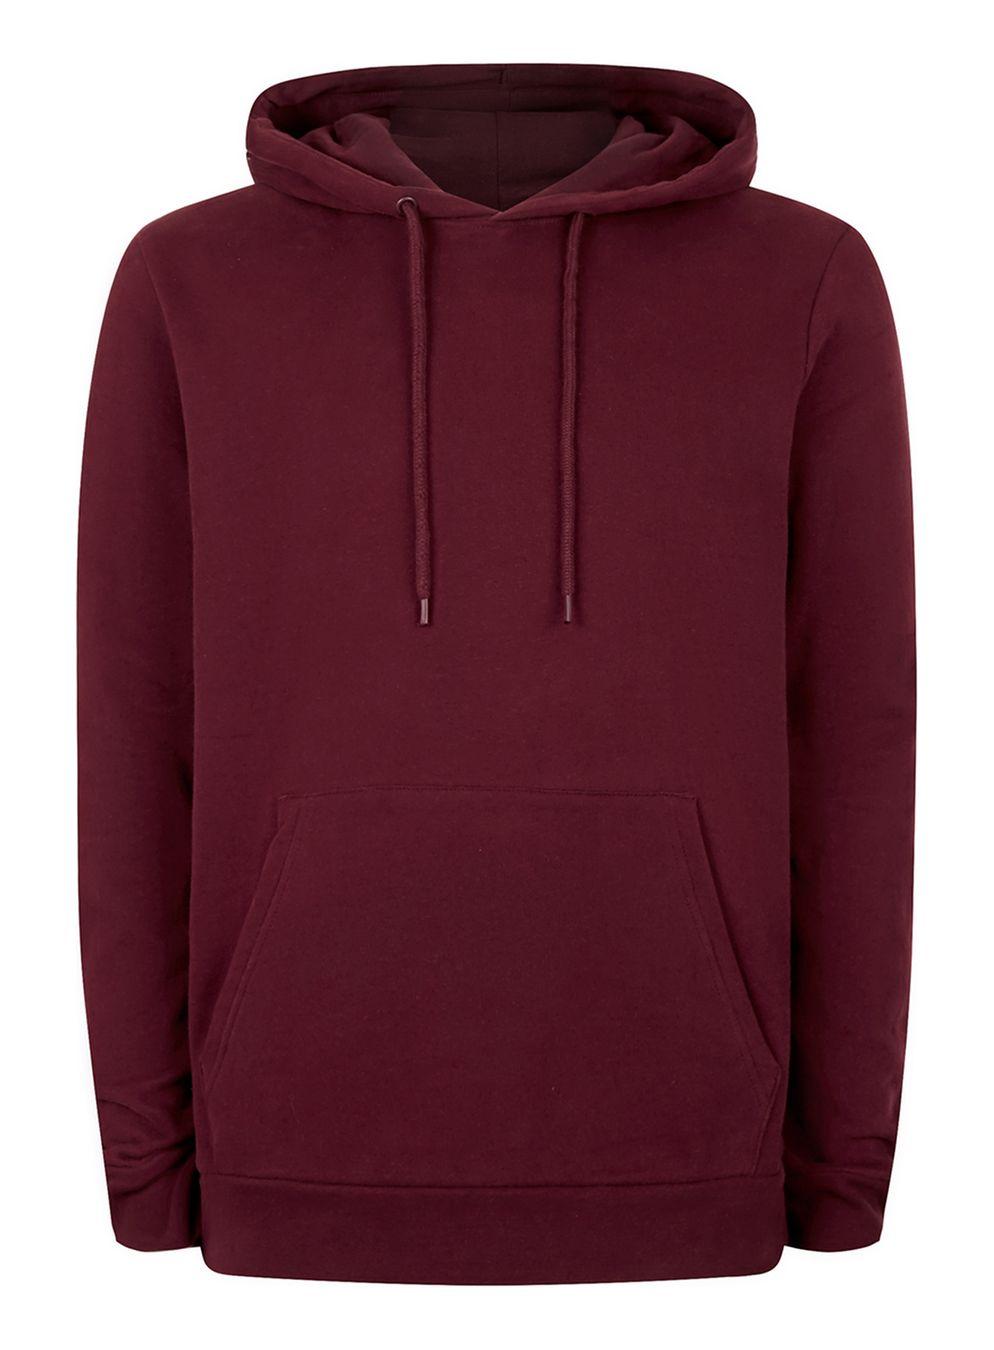 burgundy hoodie burgundy classic fit hoodie - topman TPCBQSU